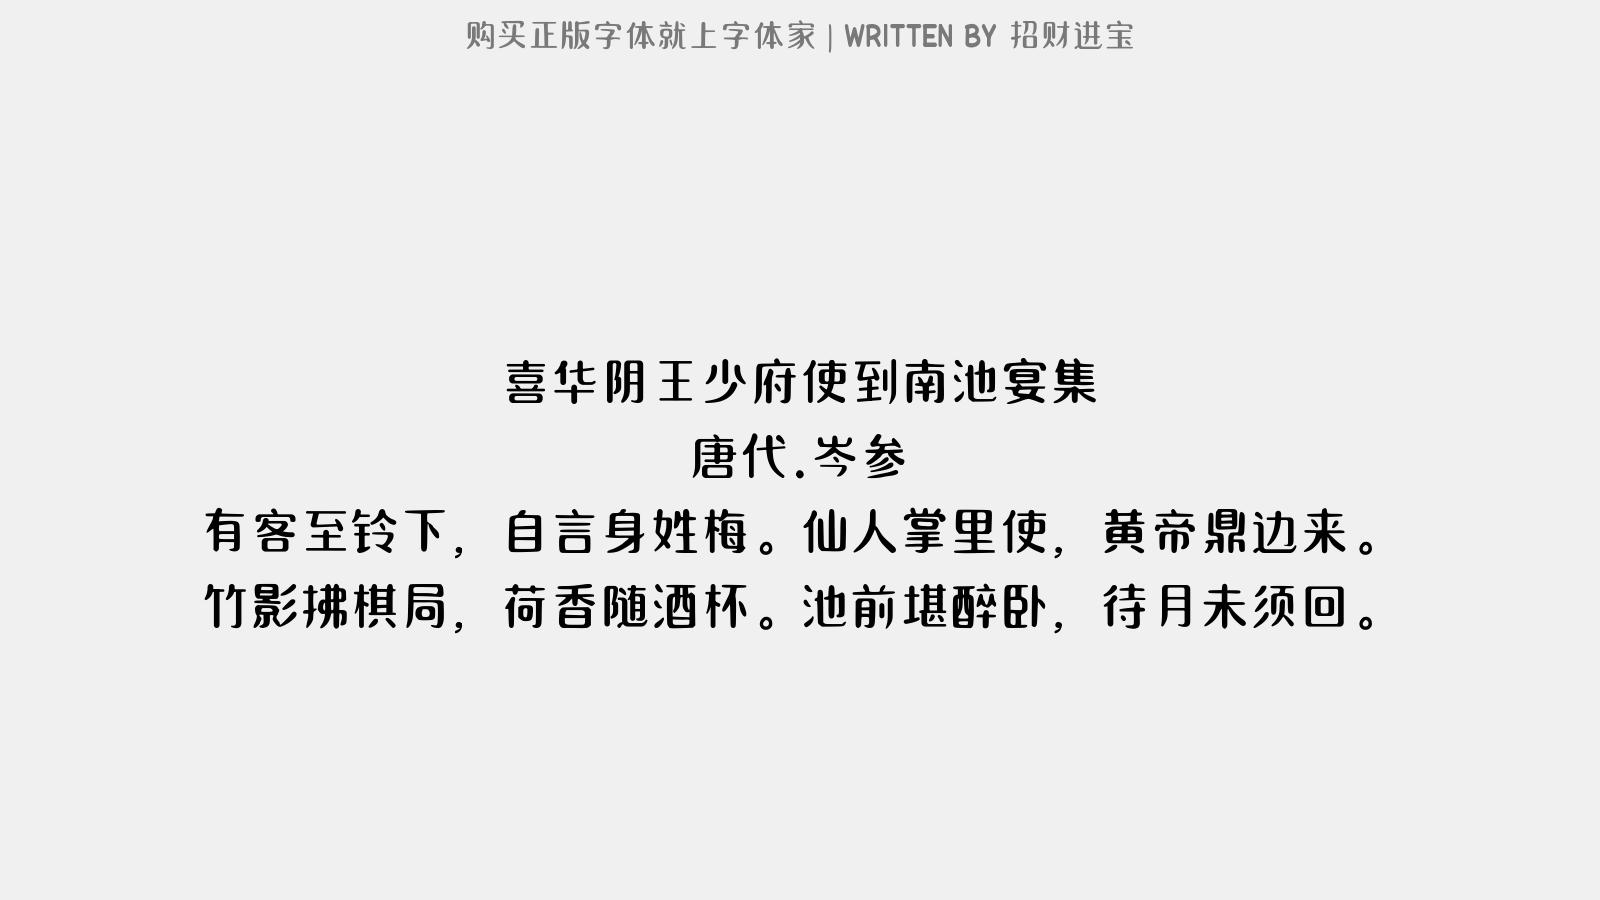 招財進寶 - 喜華陰王少府使到南池宴集